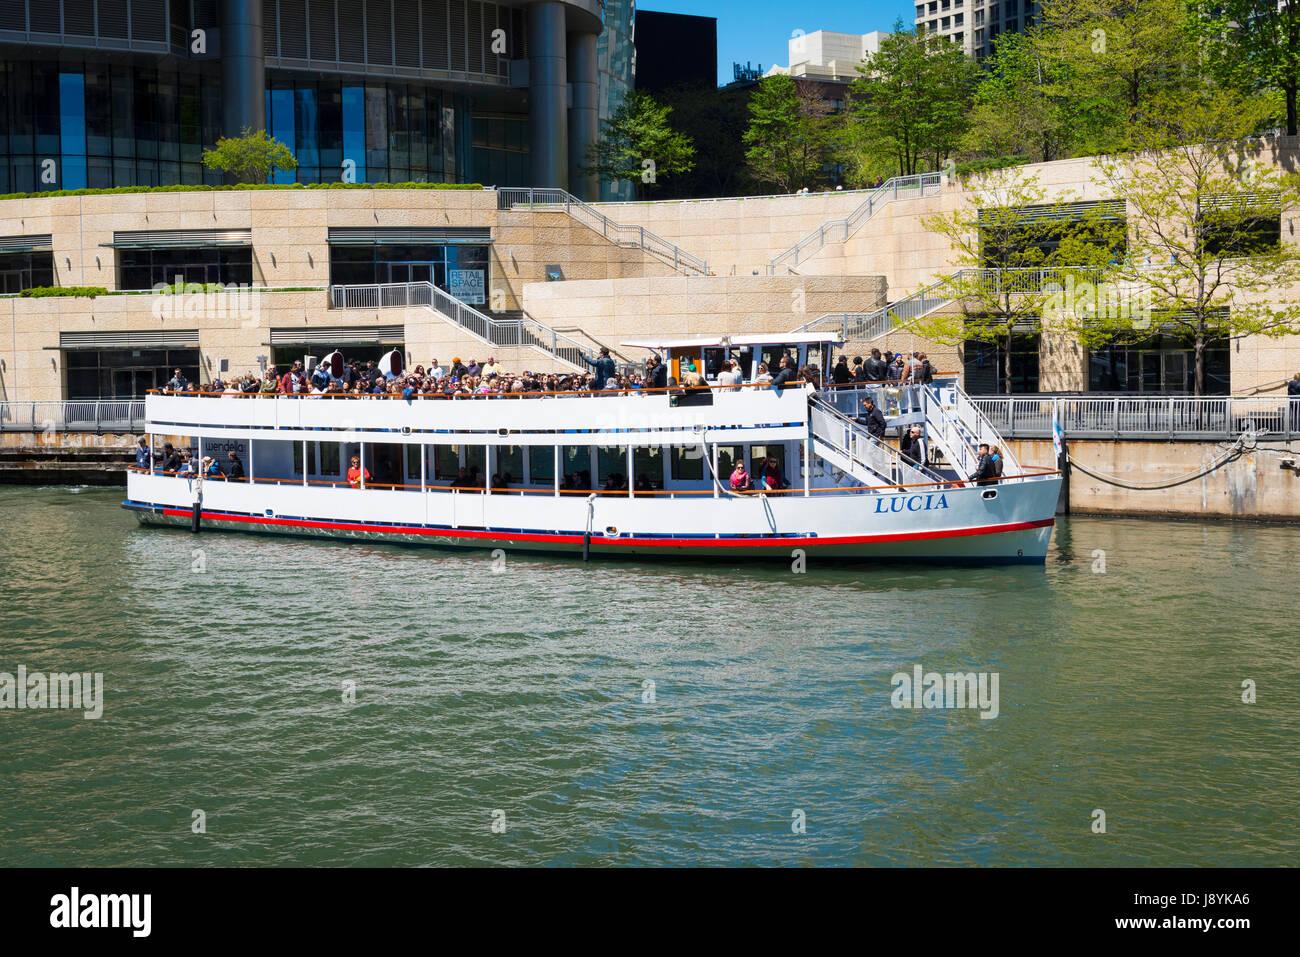 La rivière Chicago Illinois Trump Tower Wrigley Building gratte-ciel ciel bleu Visites visiteurs touristes Photo Stock